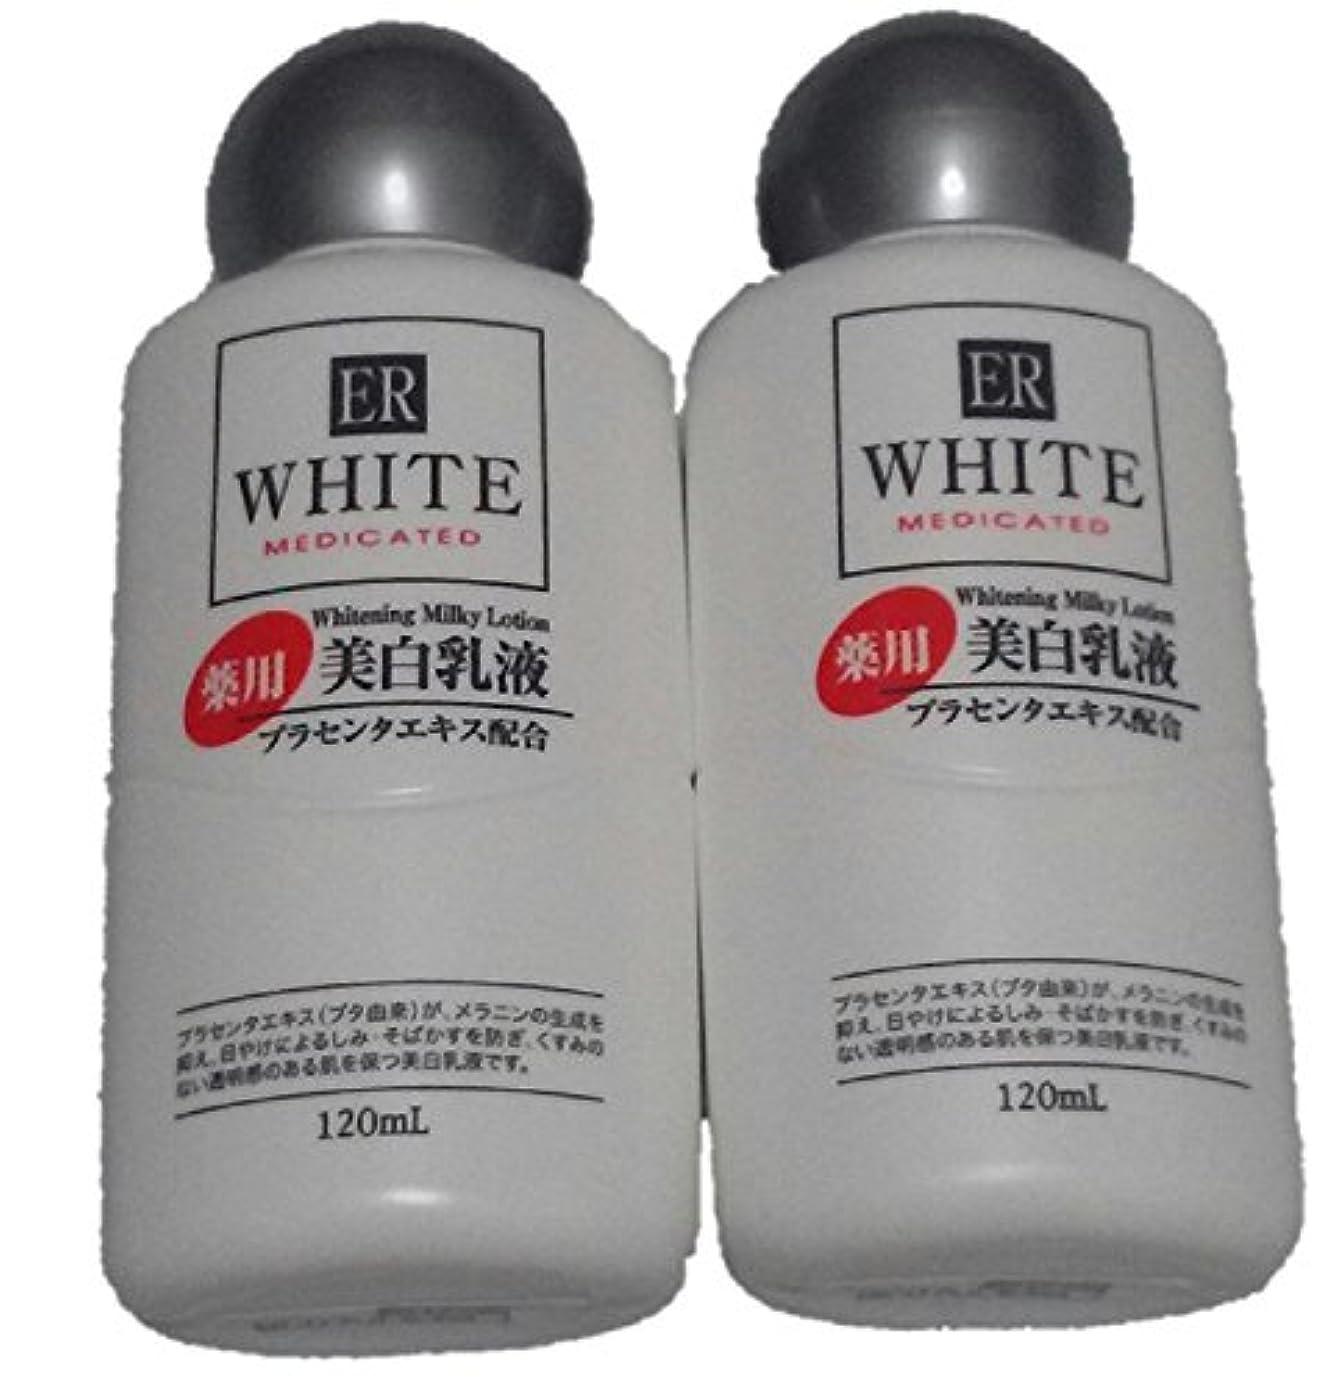 原子炉下向き涙が出る【2本セット】コスモホワイトニングミルク 120ml